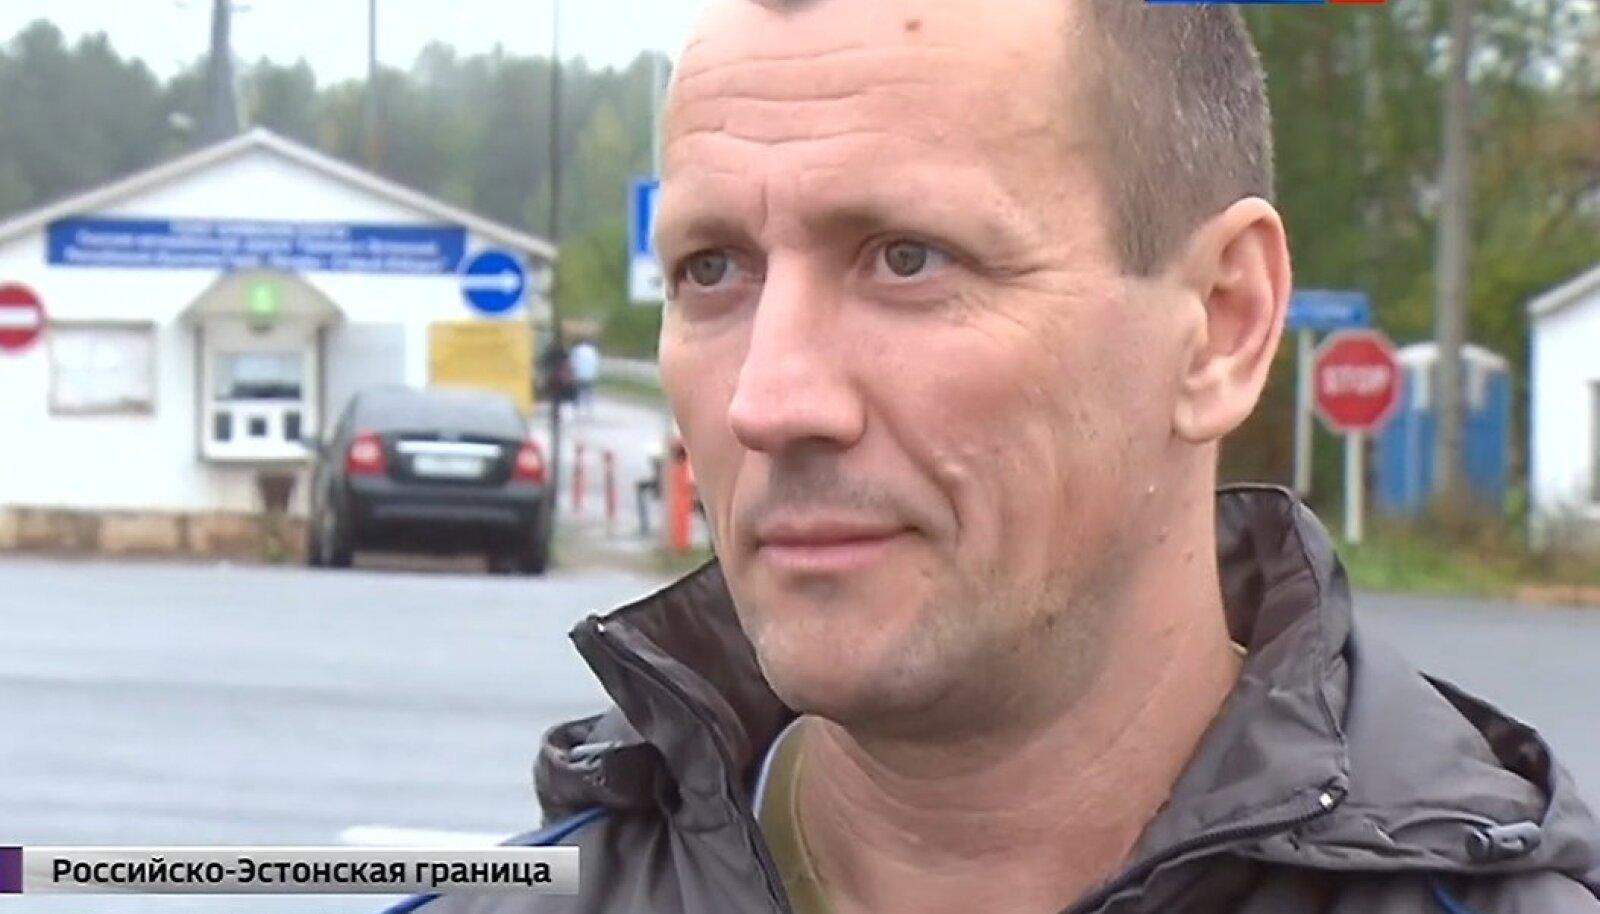 Aleksei Dressen annab intervjuud